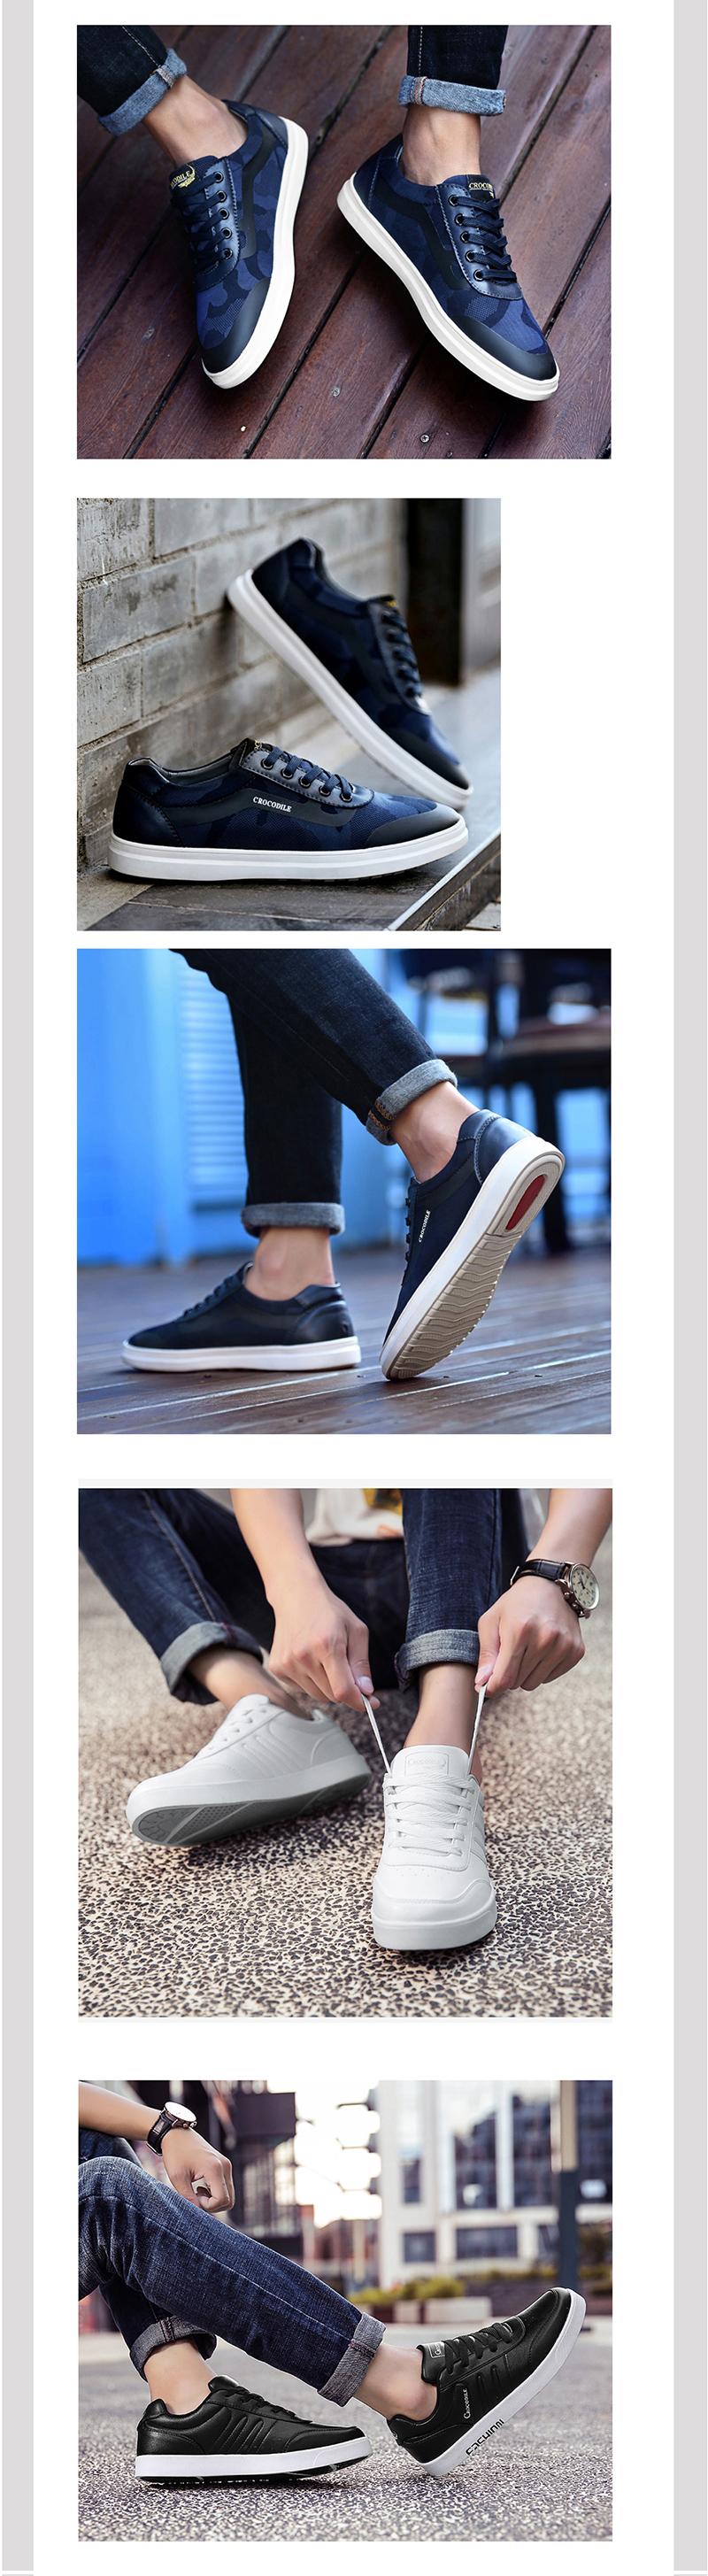 男鞋_03.jpg